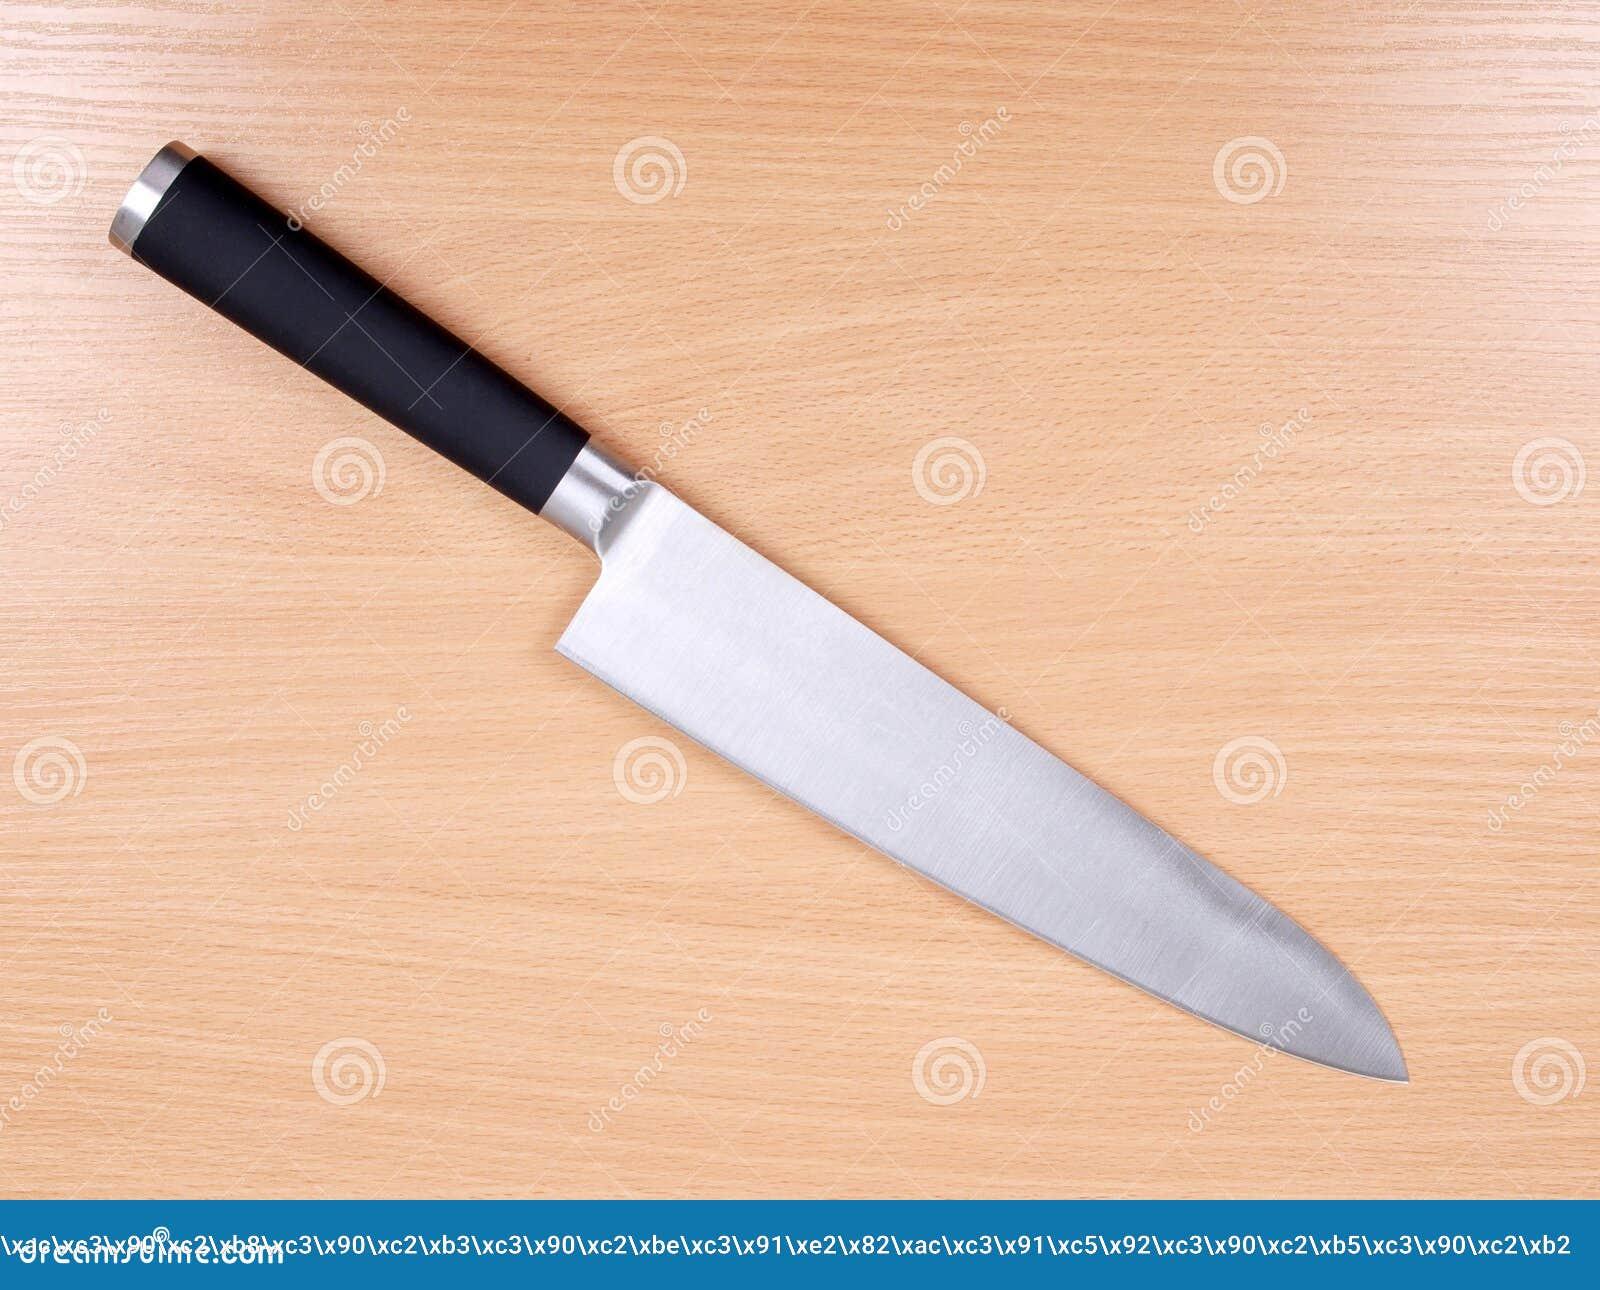 Cuchillos de cocina en la madera foto de archivo imagen 21099120 - Cuchillos de cocina ...